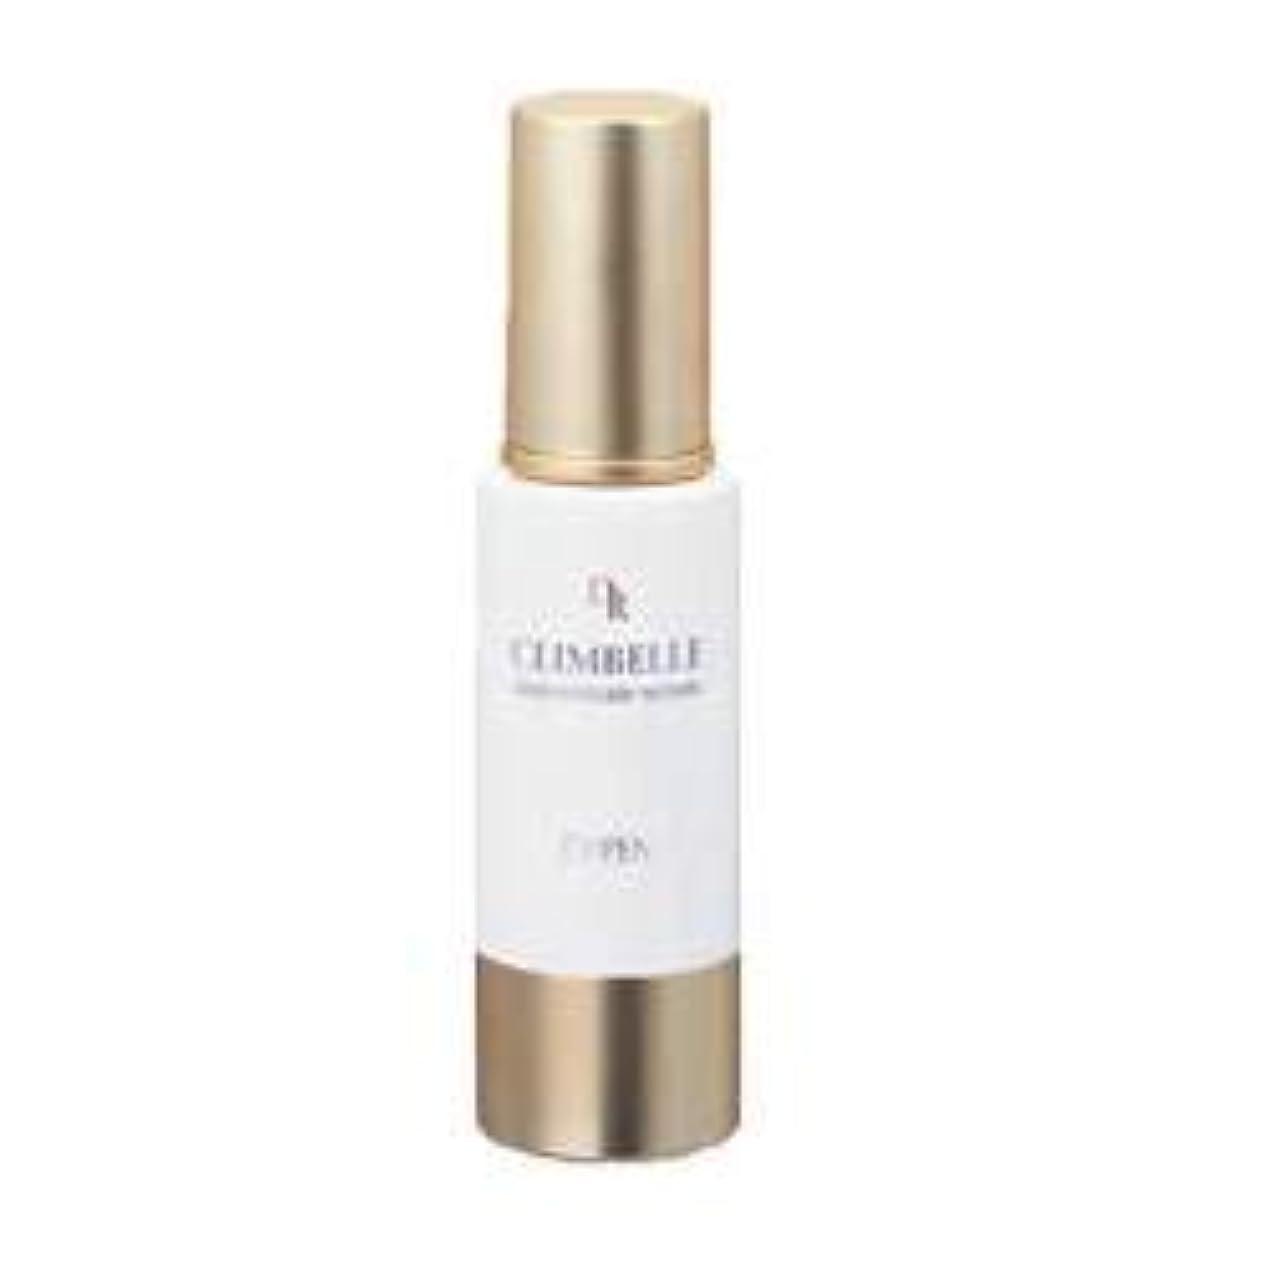 ユーモラス簡単に養うオッペン DR クライムベルコンセントレートセラム(30ml)